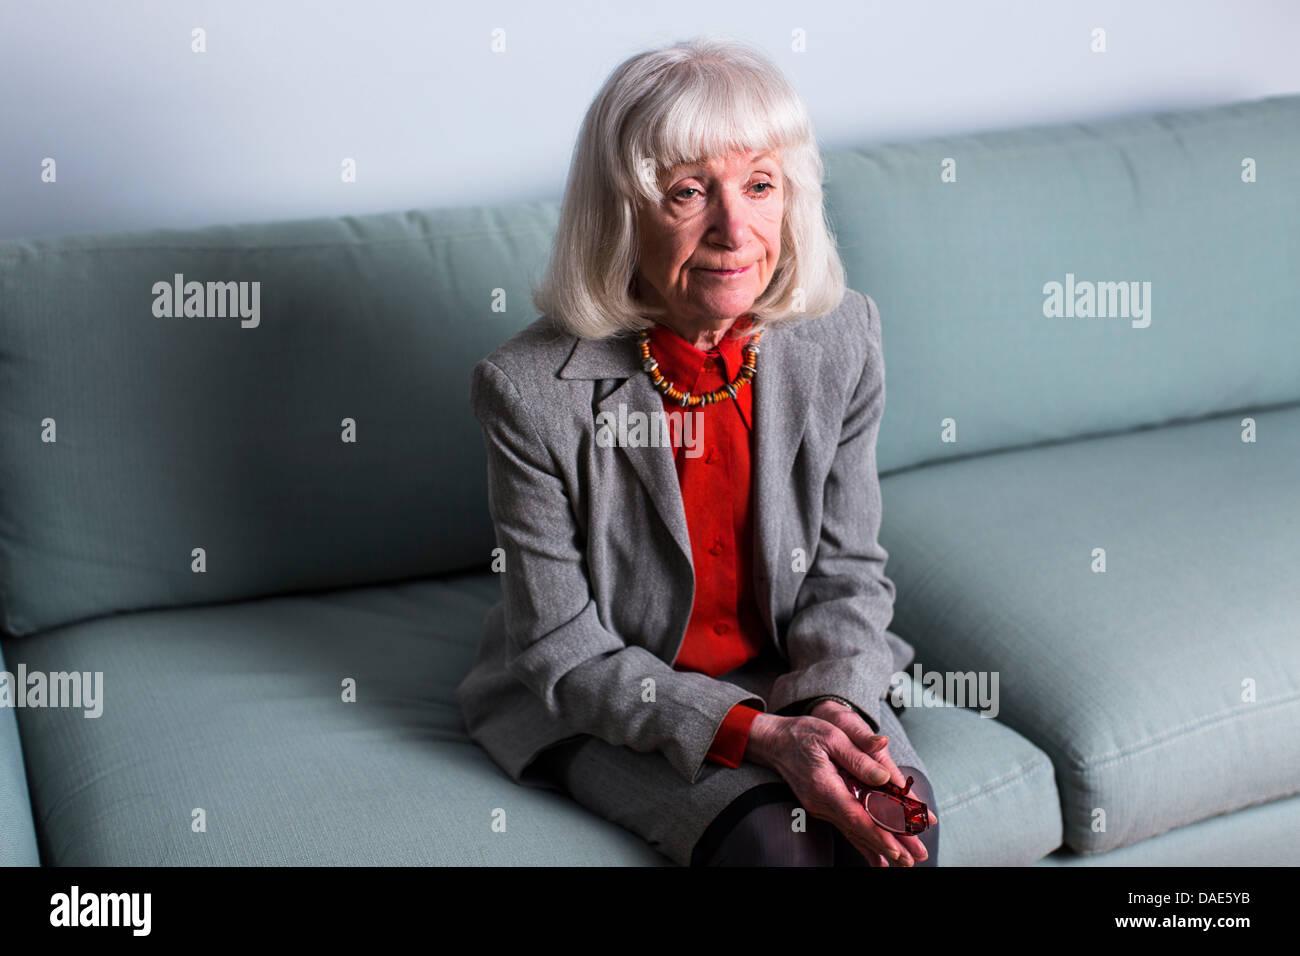 Senior donna seduta su un divano con espressione vuota Immagini Stock